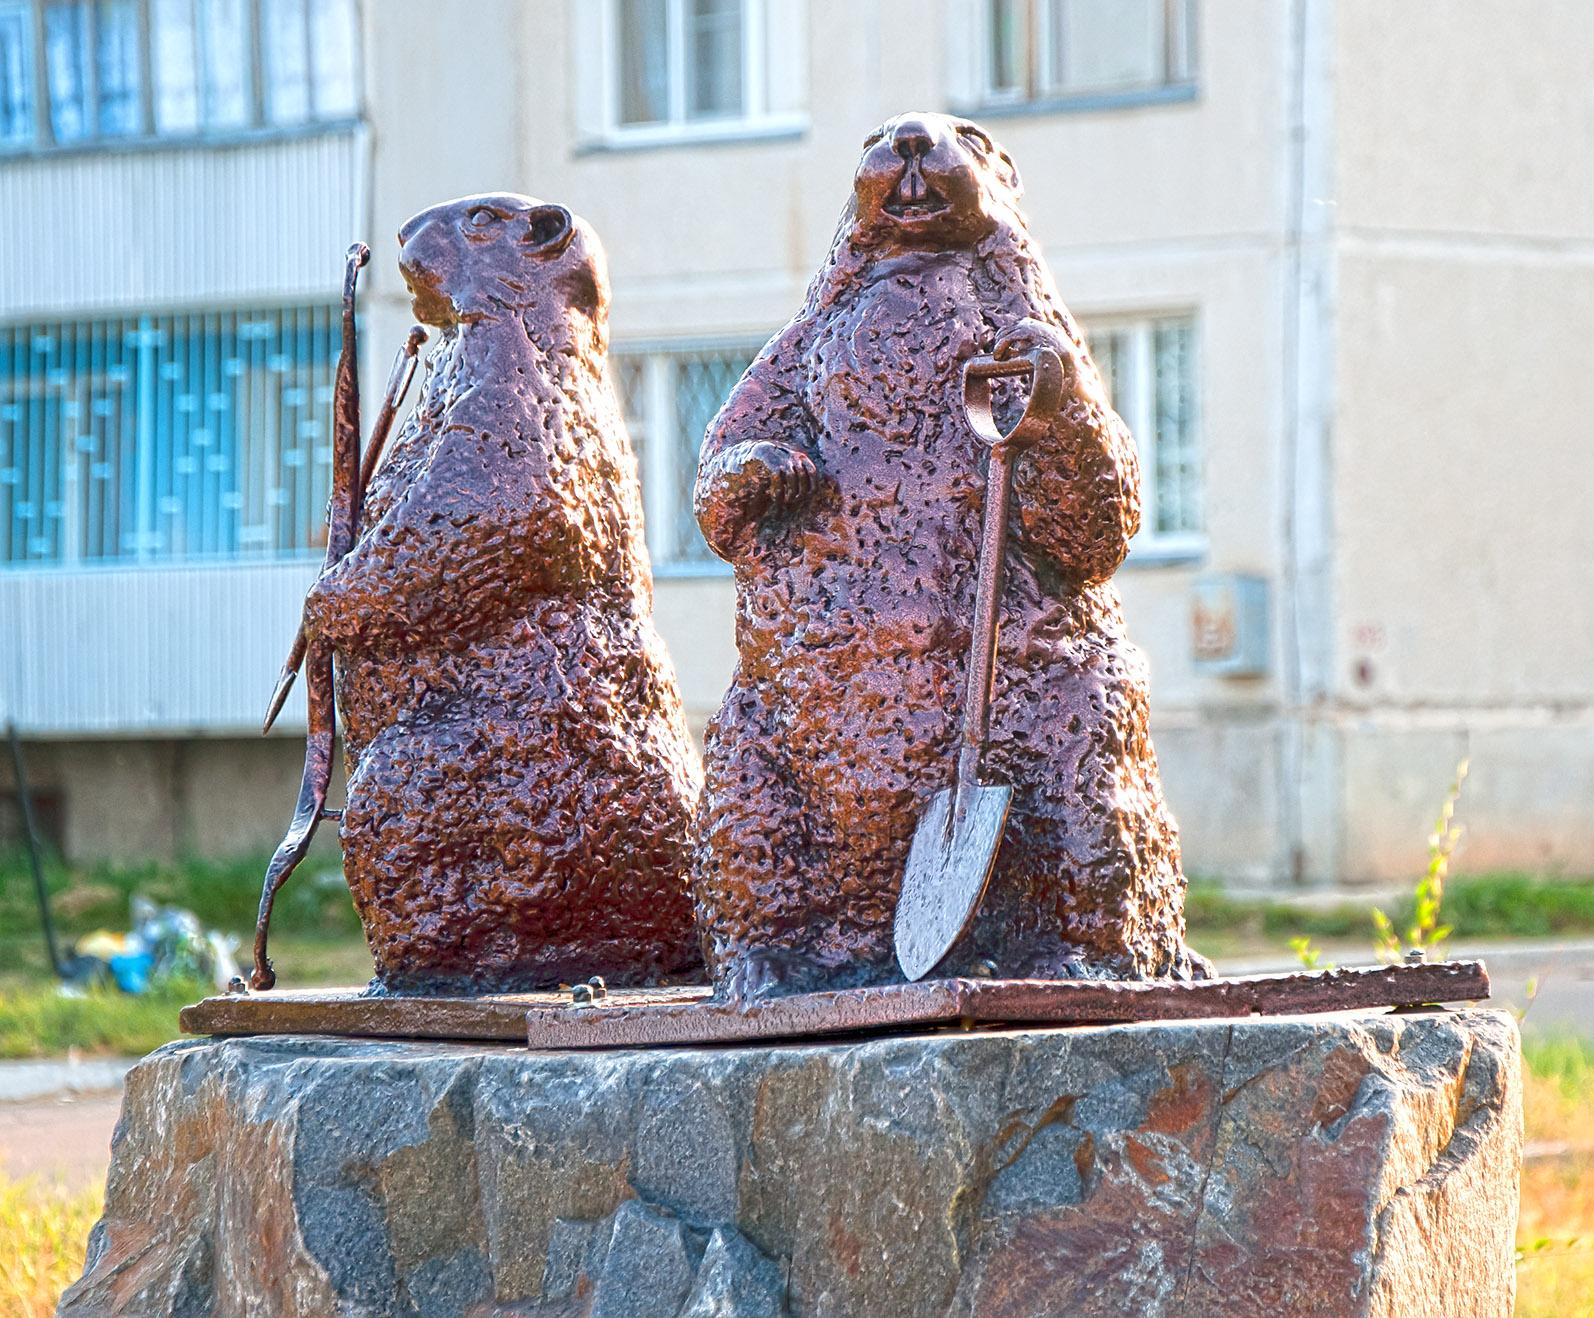 marmot-monument.jpg